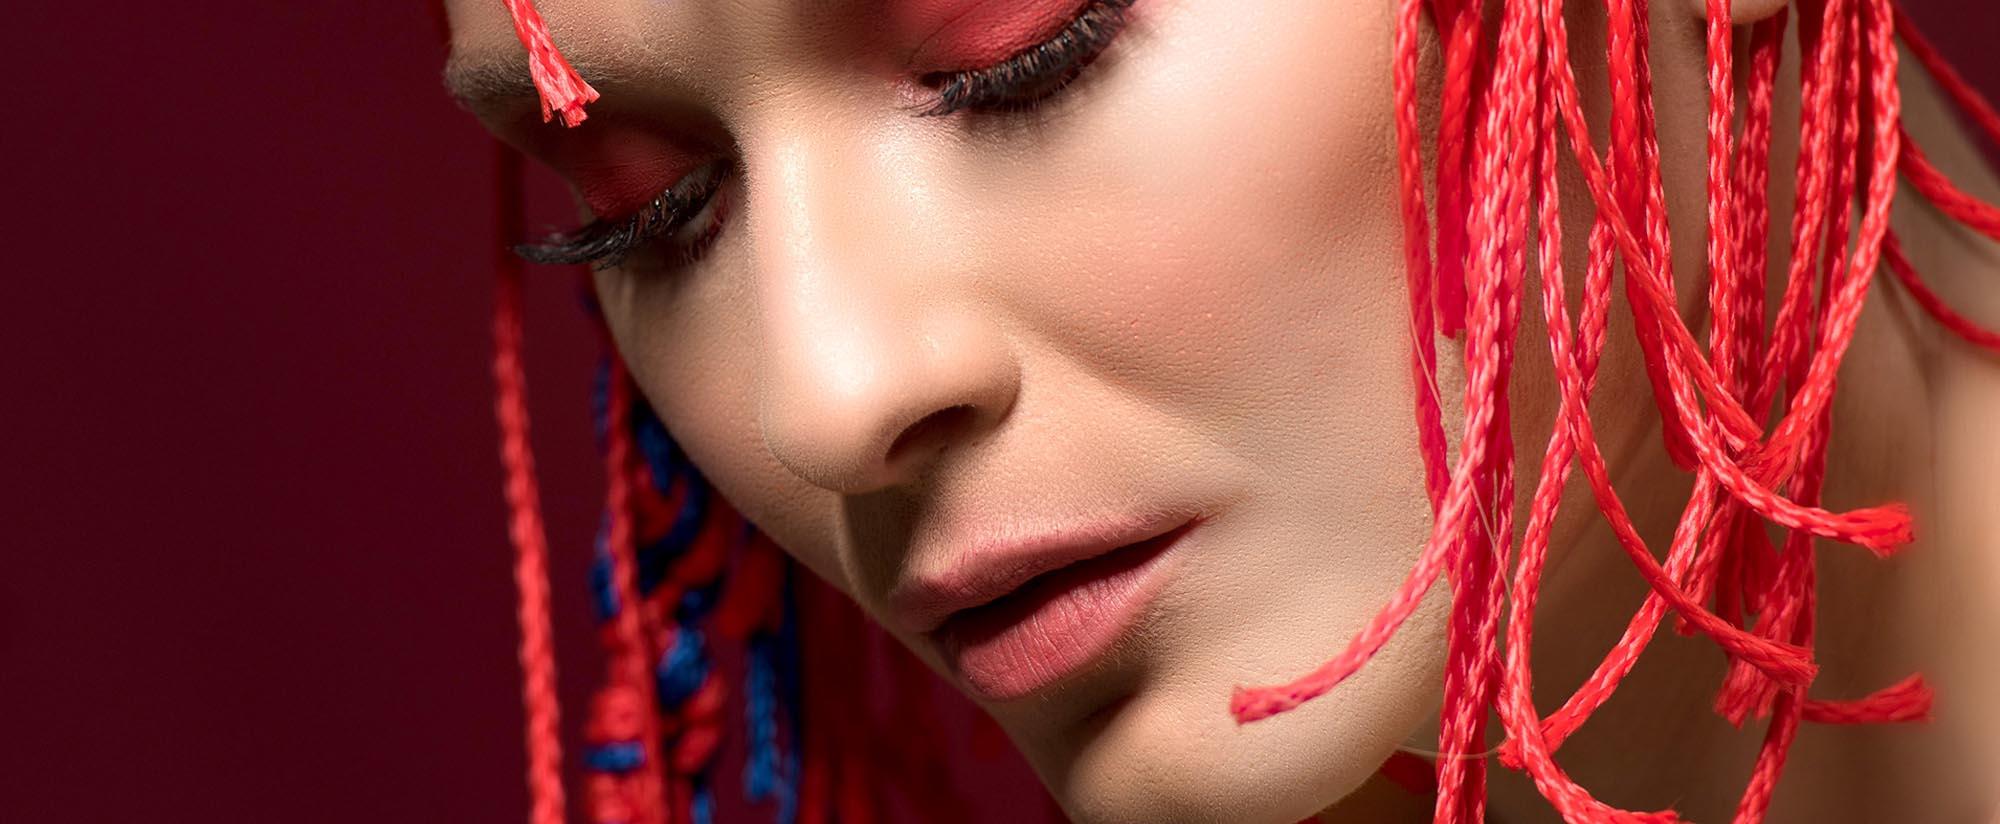 צילום: מני פל, סטיילינג וארט: ליז פלנסיה, עיצוב שיער: שרון פור, איפור: נתנאל טל, דוגמנית: סופה רוזן, עוזרת סטייליניג: אתי פלנסיה, - Fashion Israel - 2020 חדשות אופנה 2020, כתבות אופנה 2020, טרנדים 2020, מגזין אופנה ישראלי, אופנה - 9